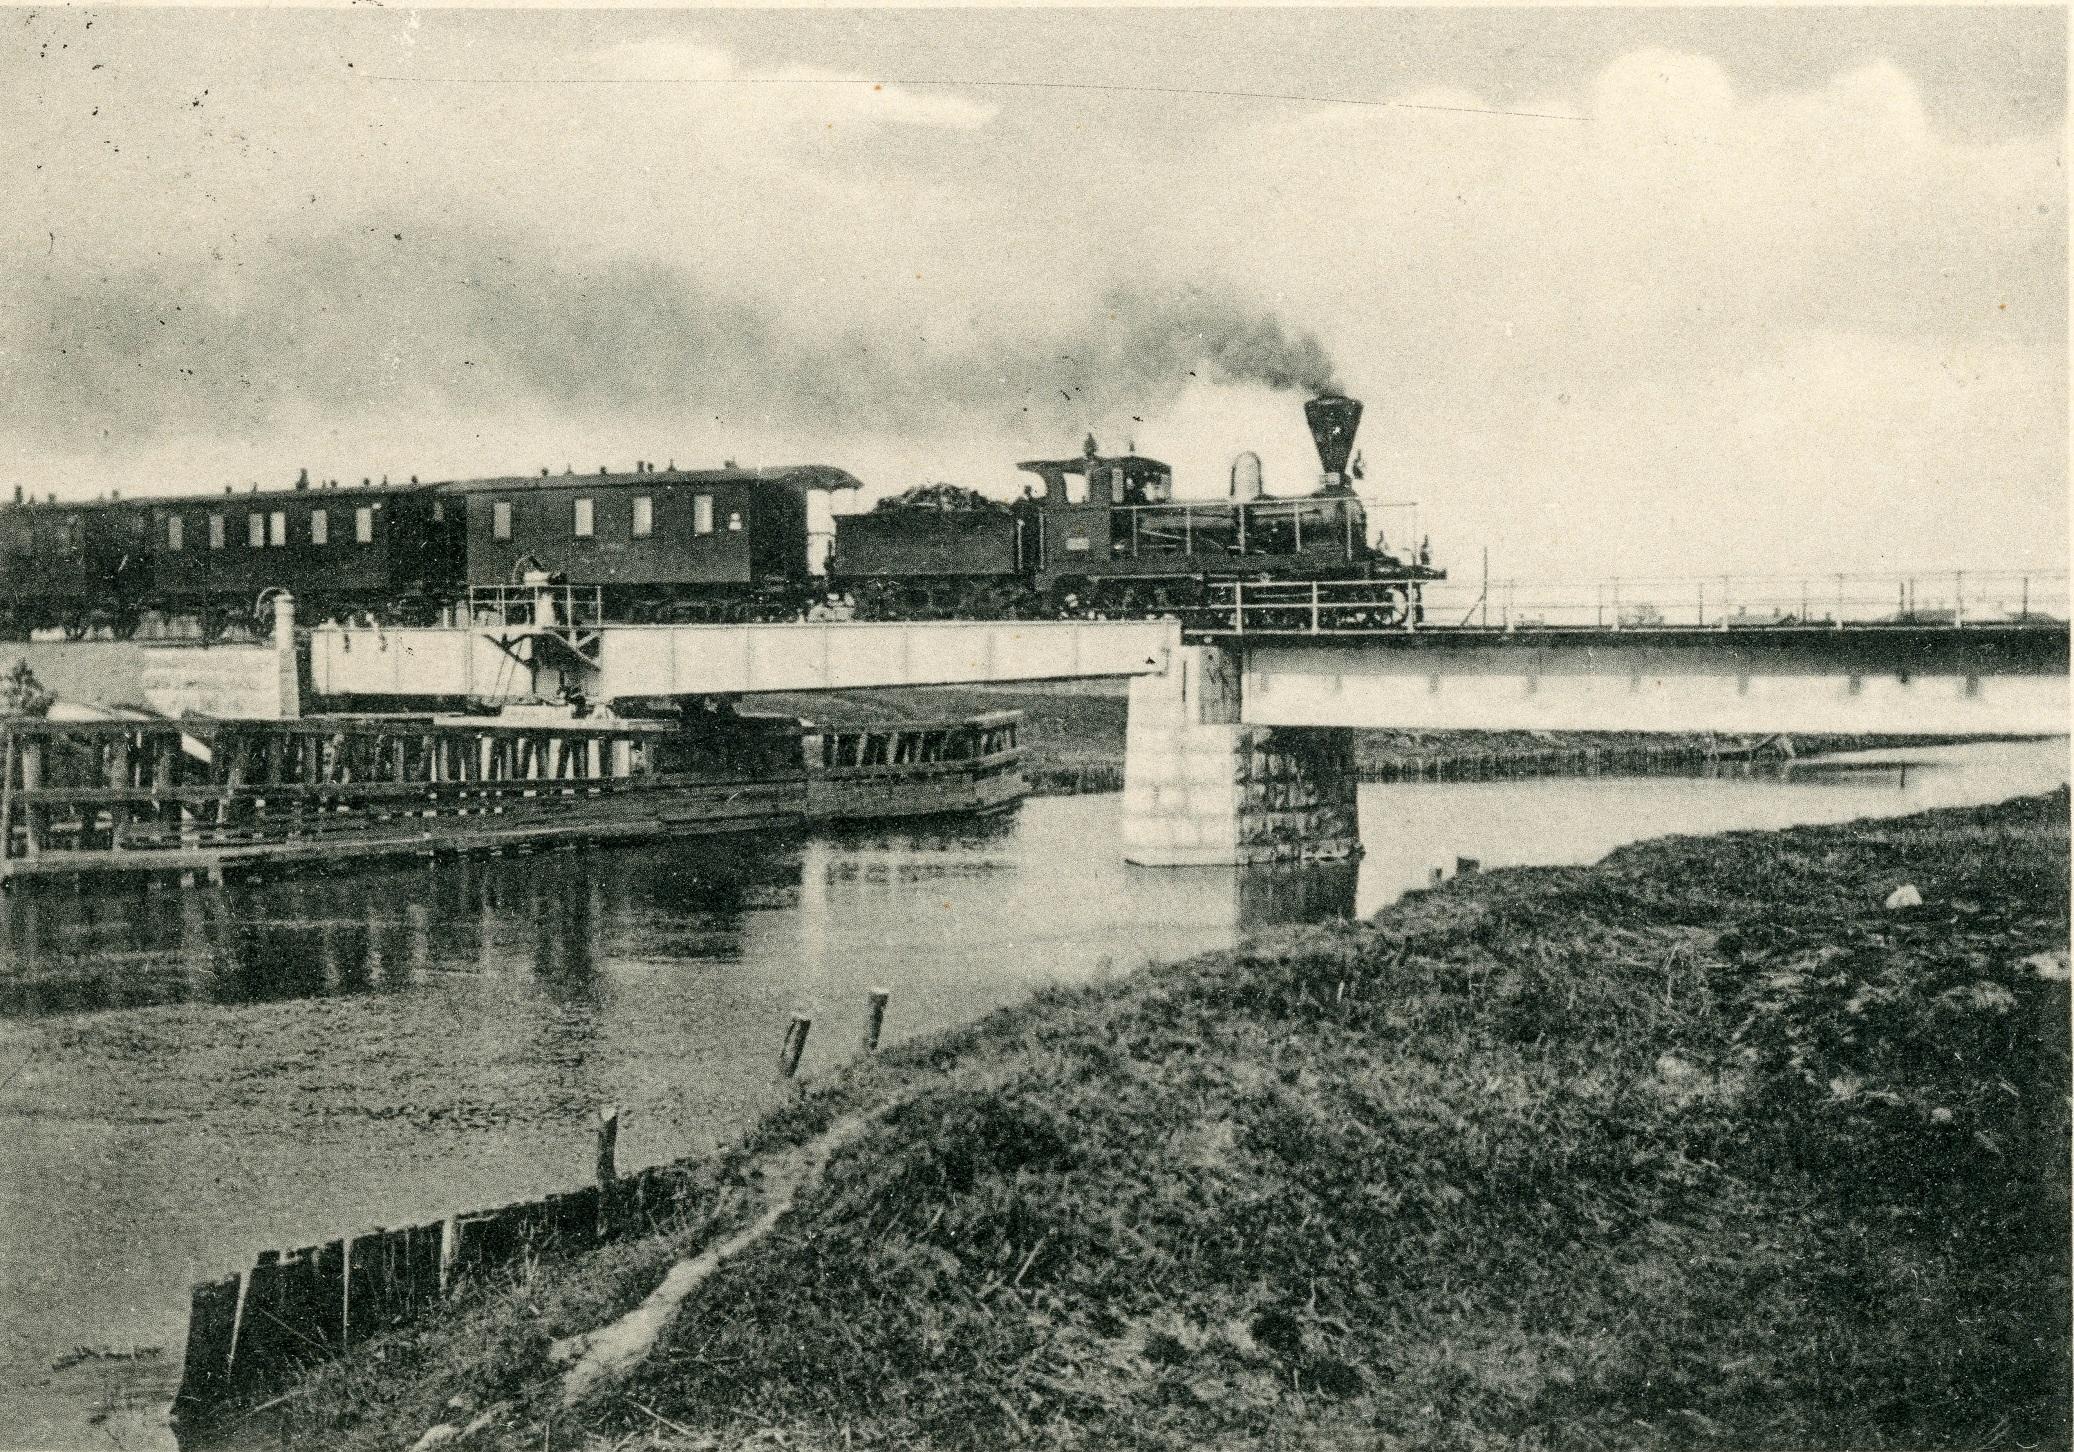 Sillalla vanhanaikainen höyryveturi ja matkustajavaunuja.